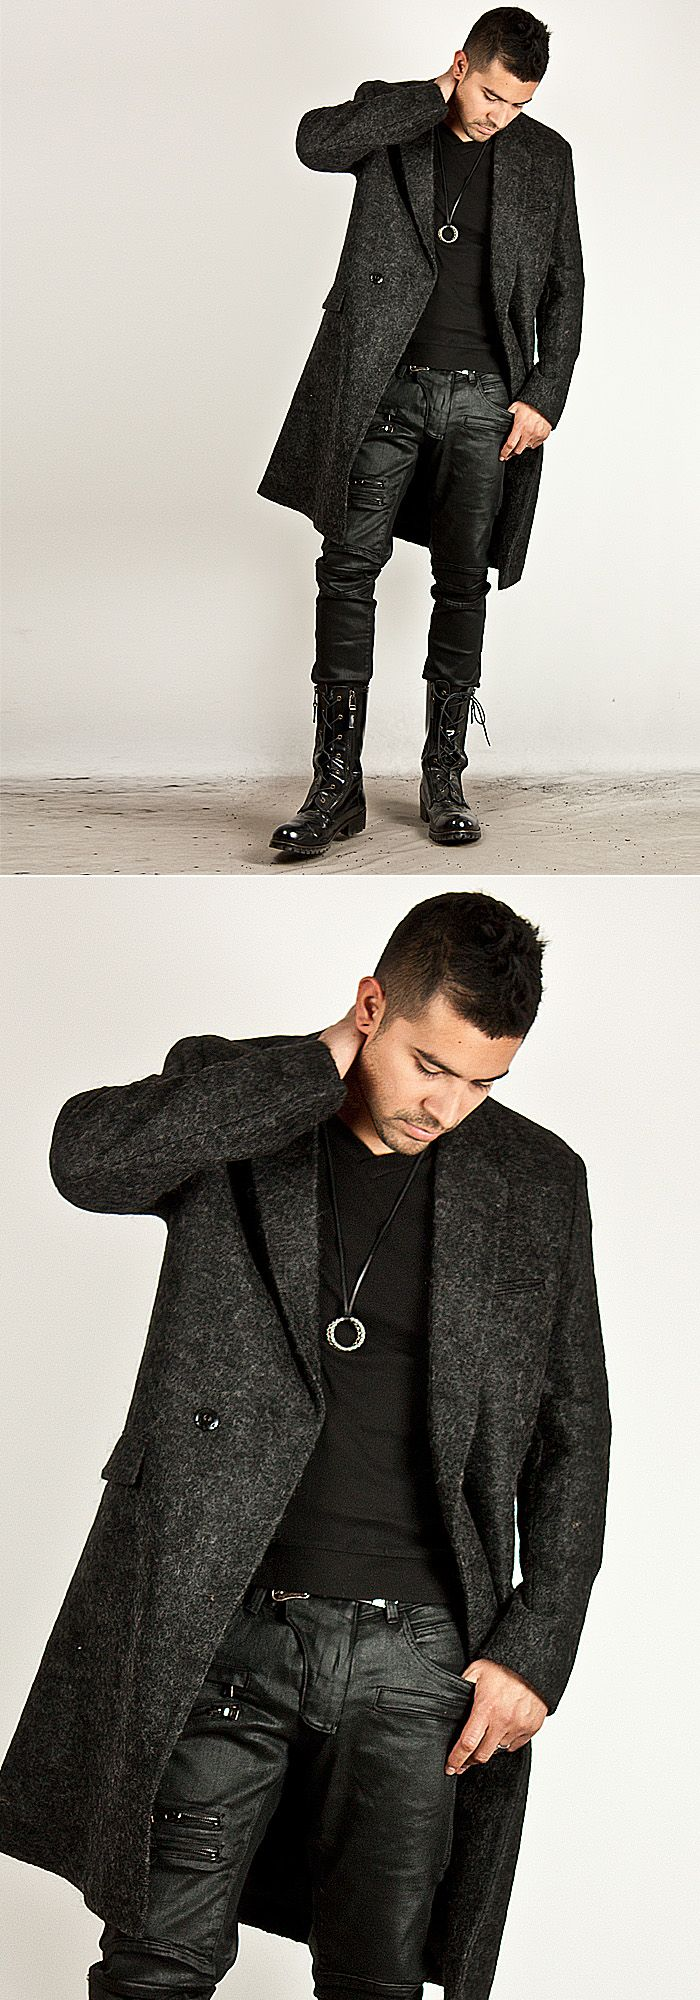 Best 25+ Long coats for men ideas on Pinterest   Coats for men ...